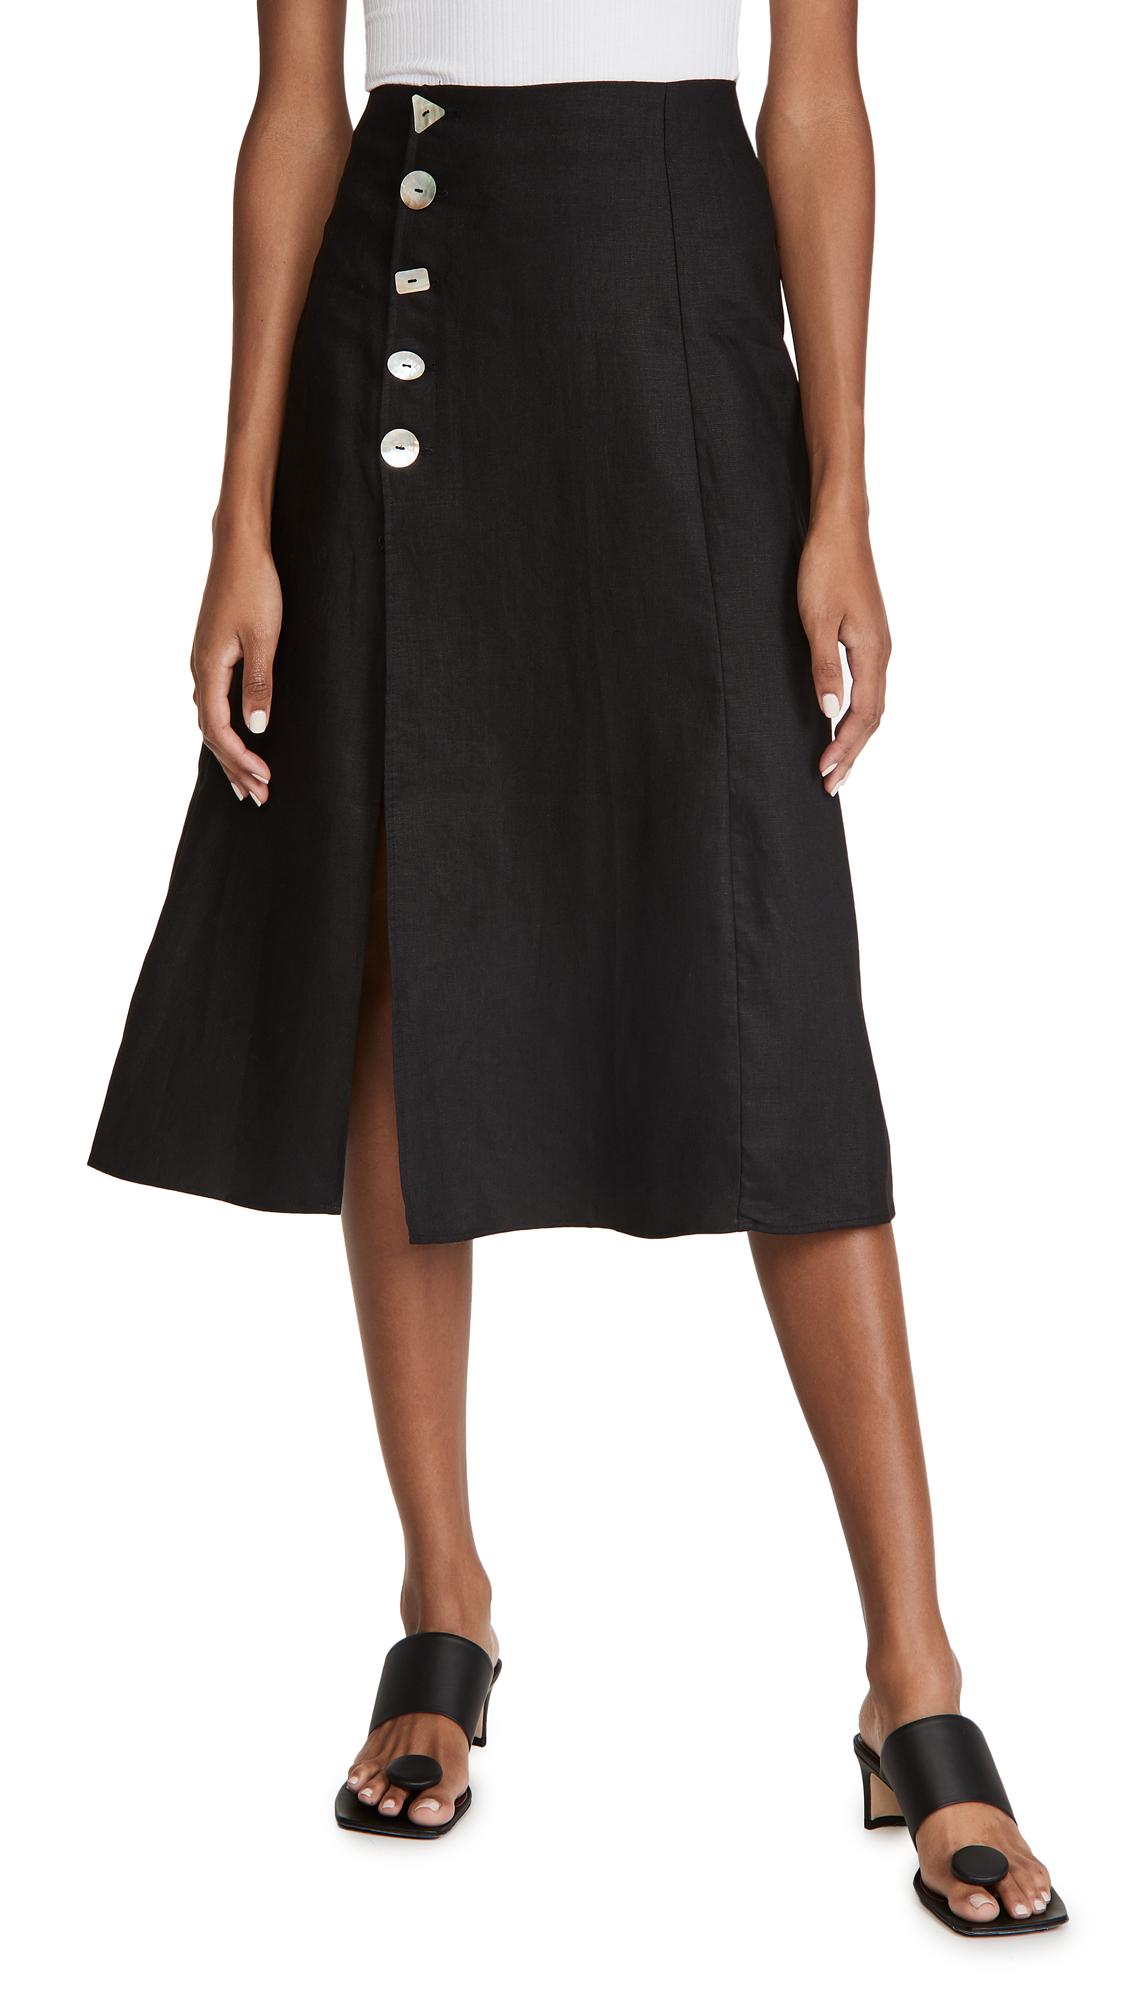 Reformation Mott Skirt